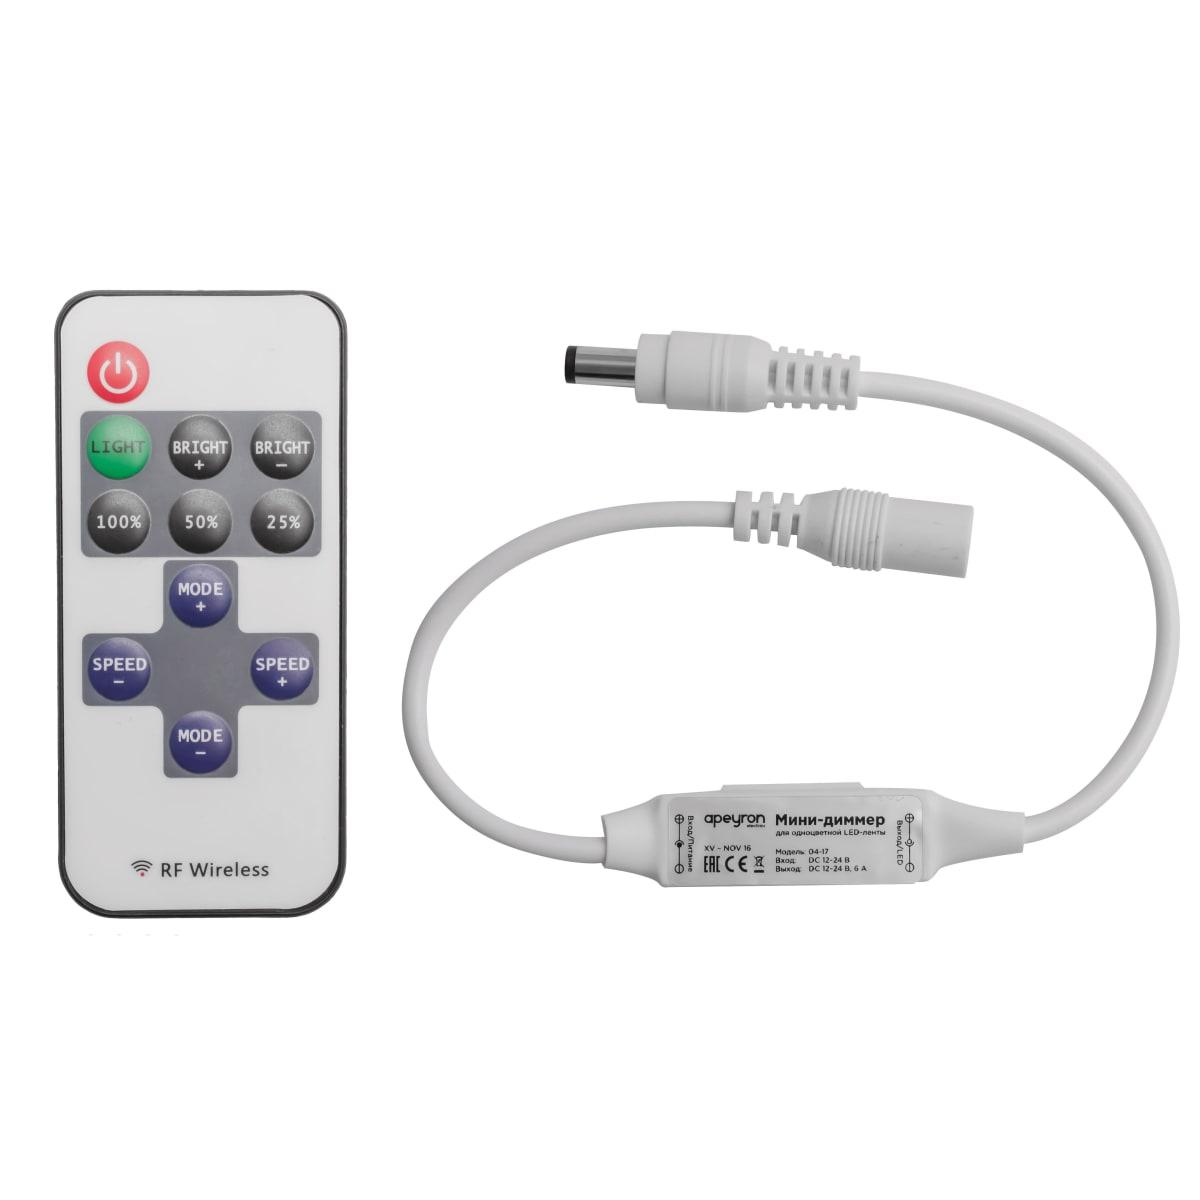 Диммер для монохромной светодиодной ленты 04-10, 12 В, 72 Вт, кнопочный пульт